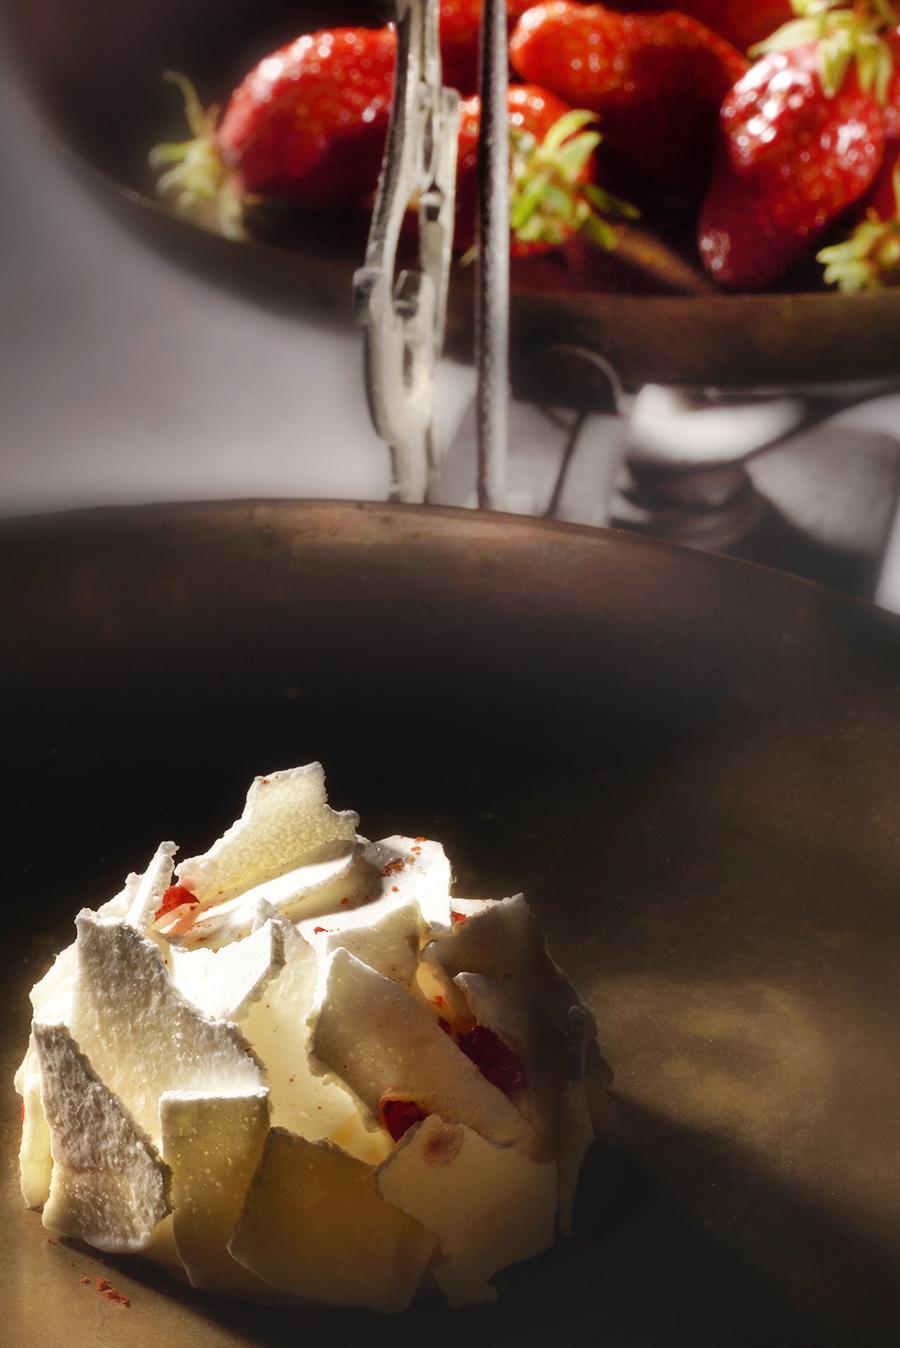 fraises glacées à la carte d'été 2018 du restaurant gastronomique Le Clair de la Plume à Grignan en Provence